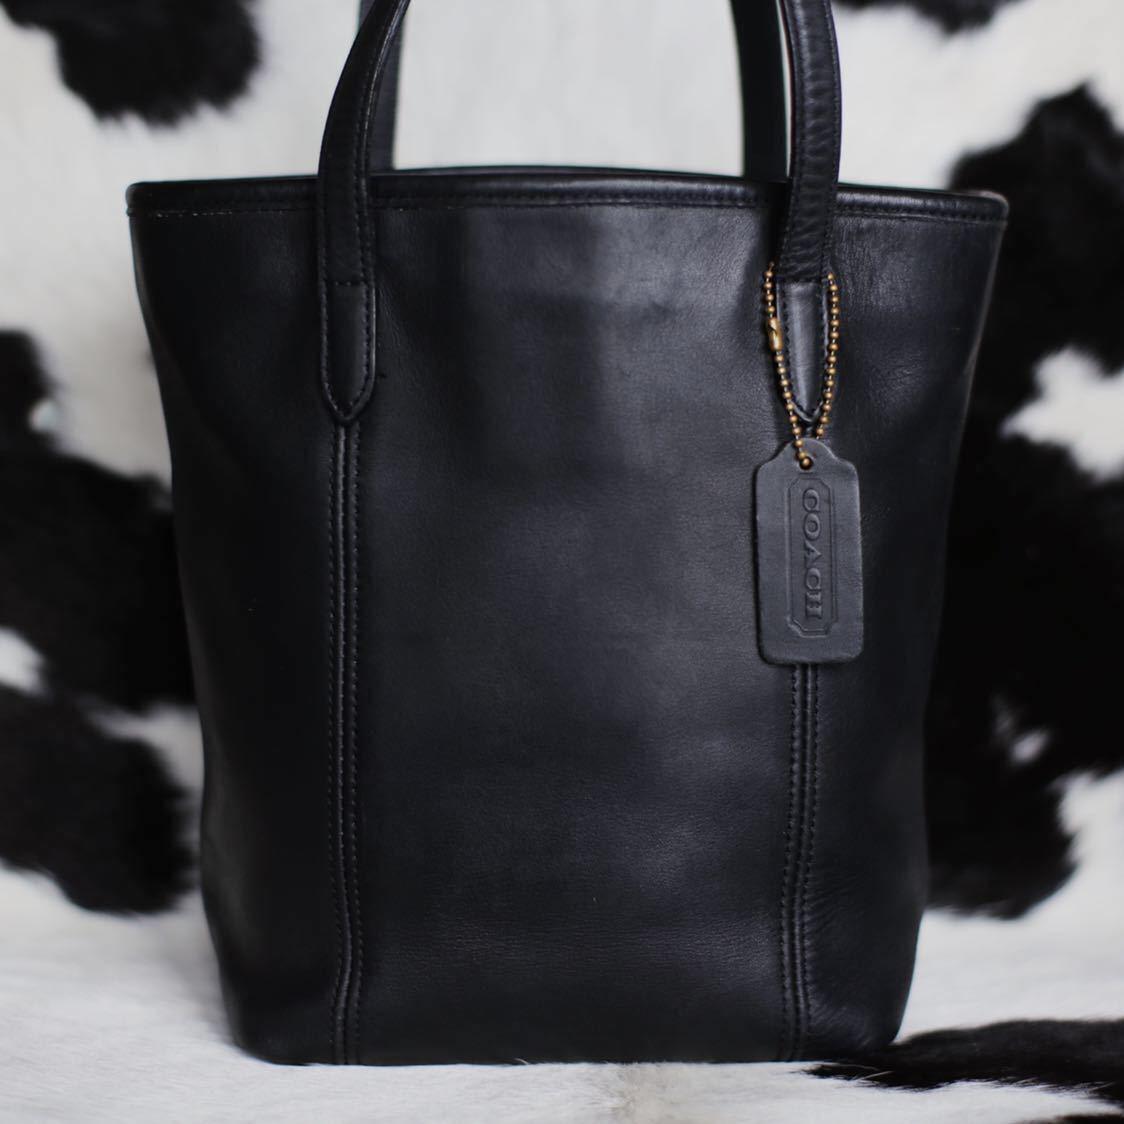 極美品 美品 コーチ COACH トートバッグ バッグ ビジネスバッグ 黒 ブラック レザー メンズバッグ 革 15万 オールドコーチ ビンテージ B5